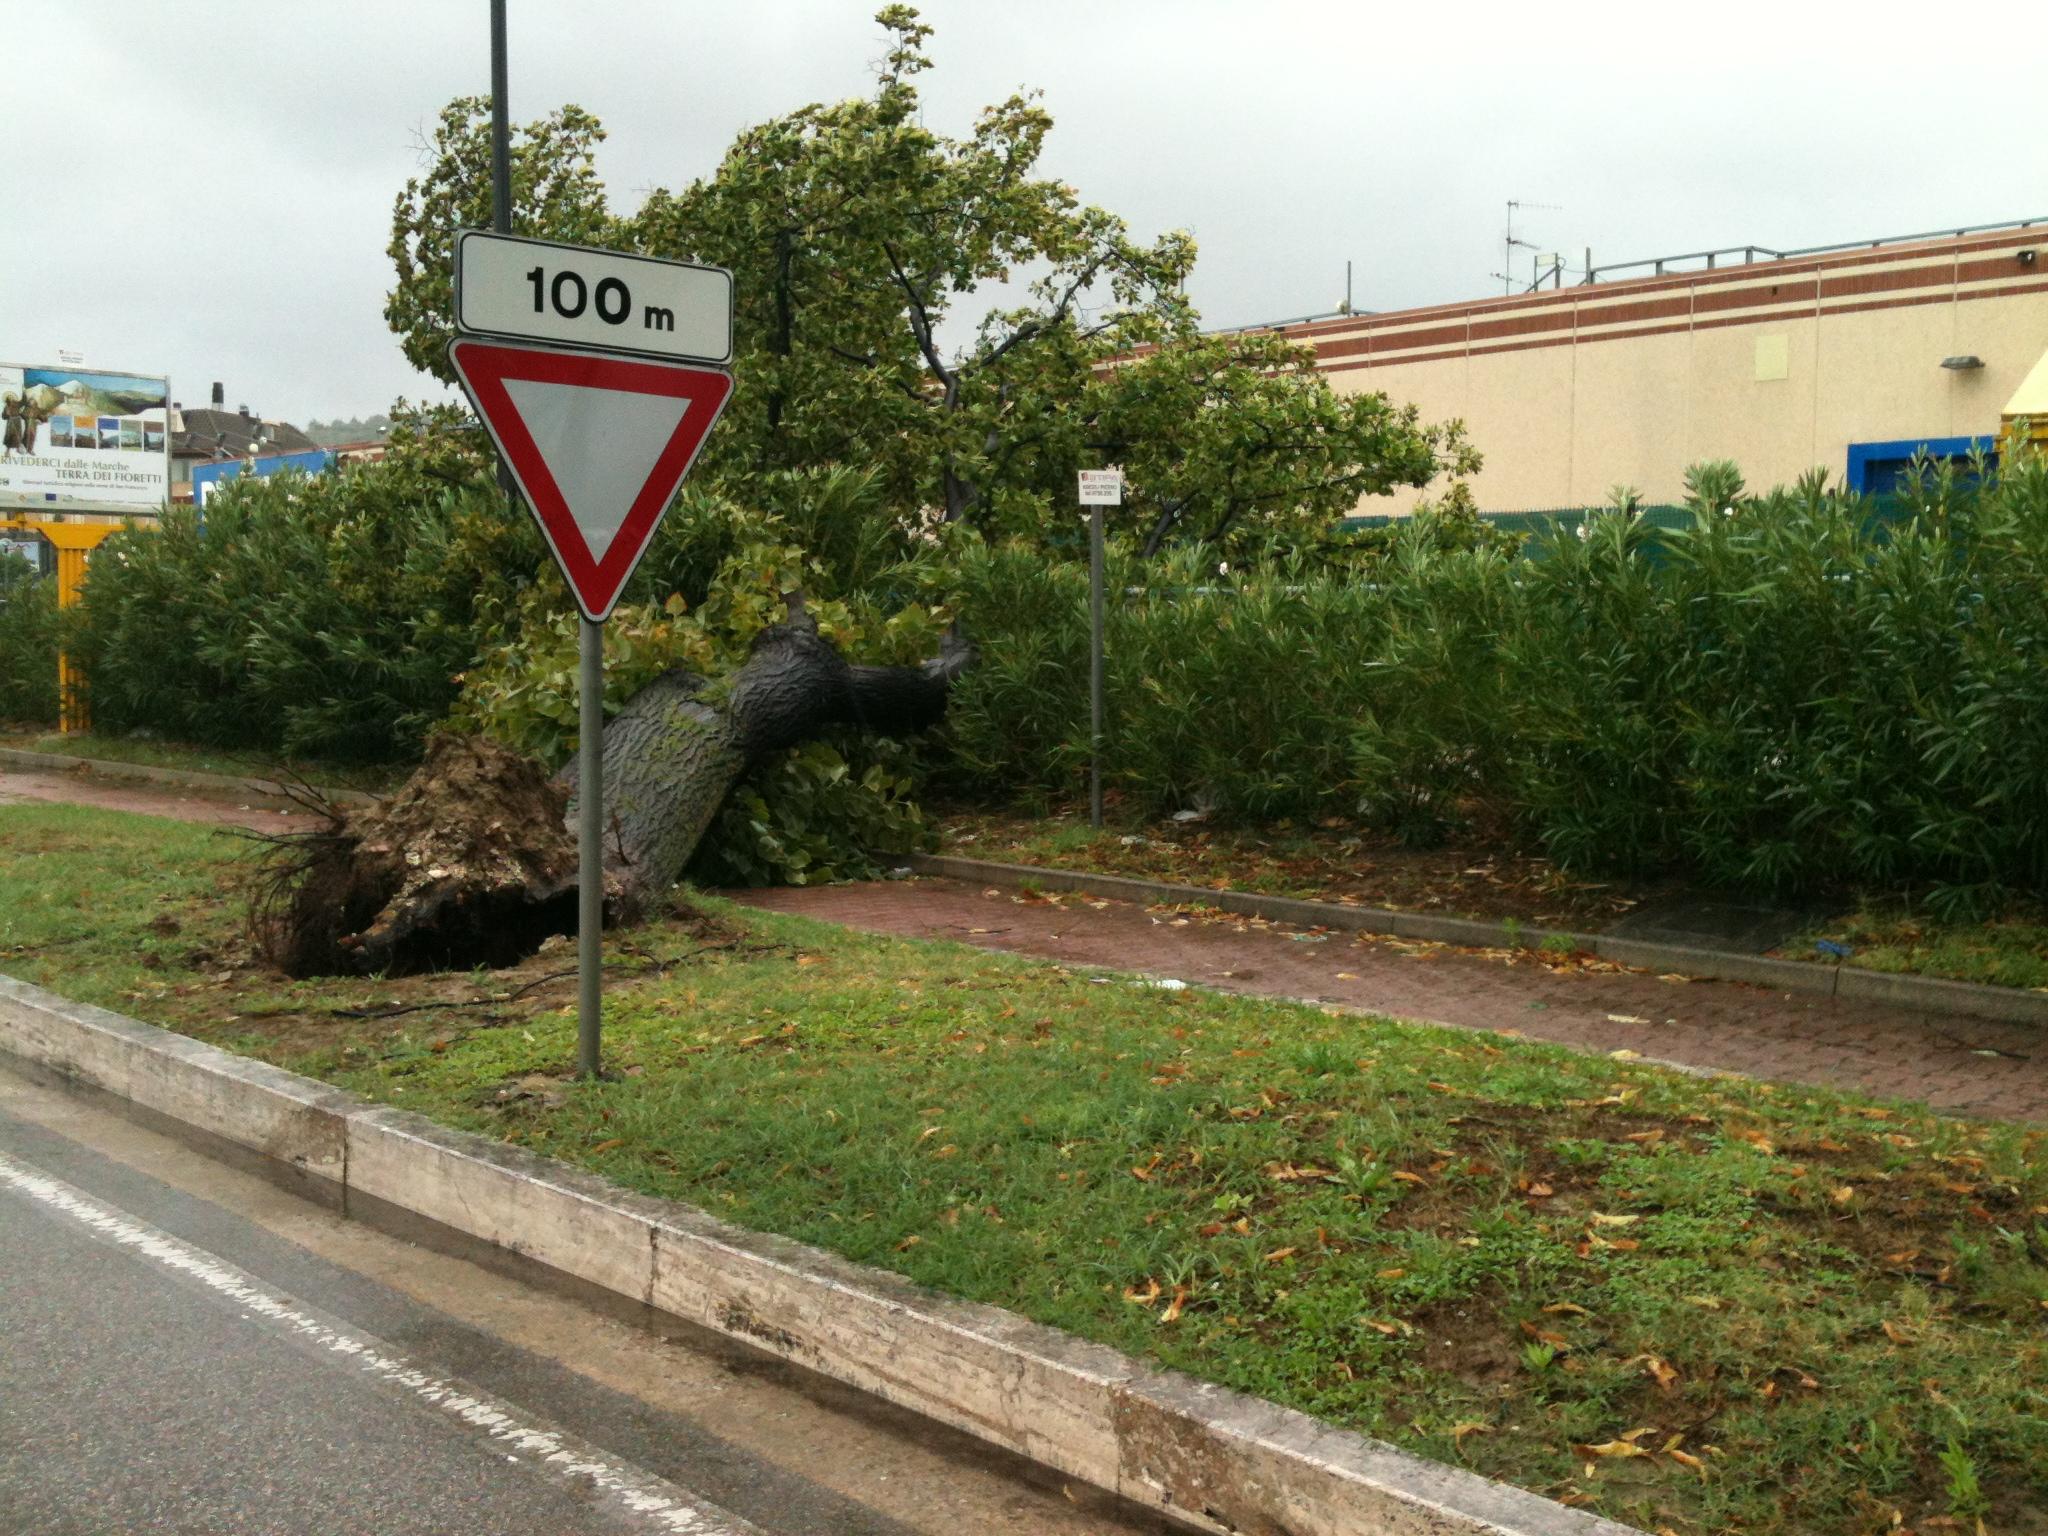 Tiglio caduto vicino Decathlon, 14 settembre 2012 (Andrea Falcioni)